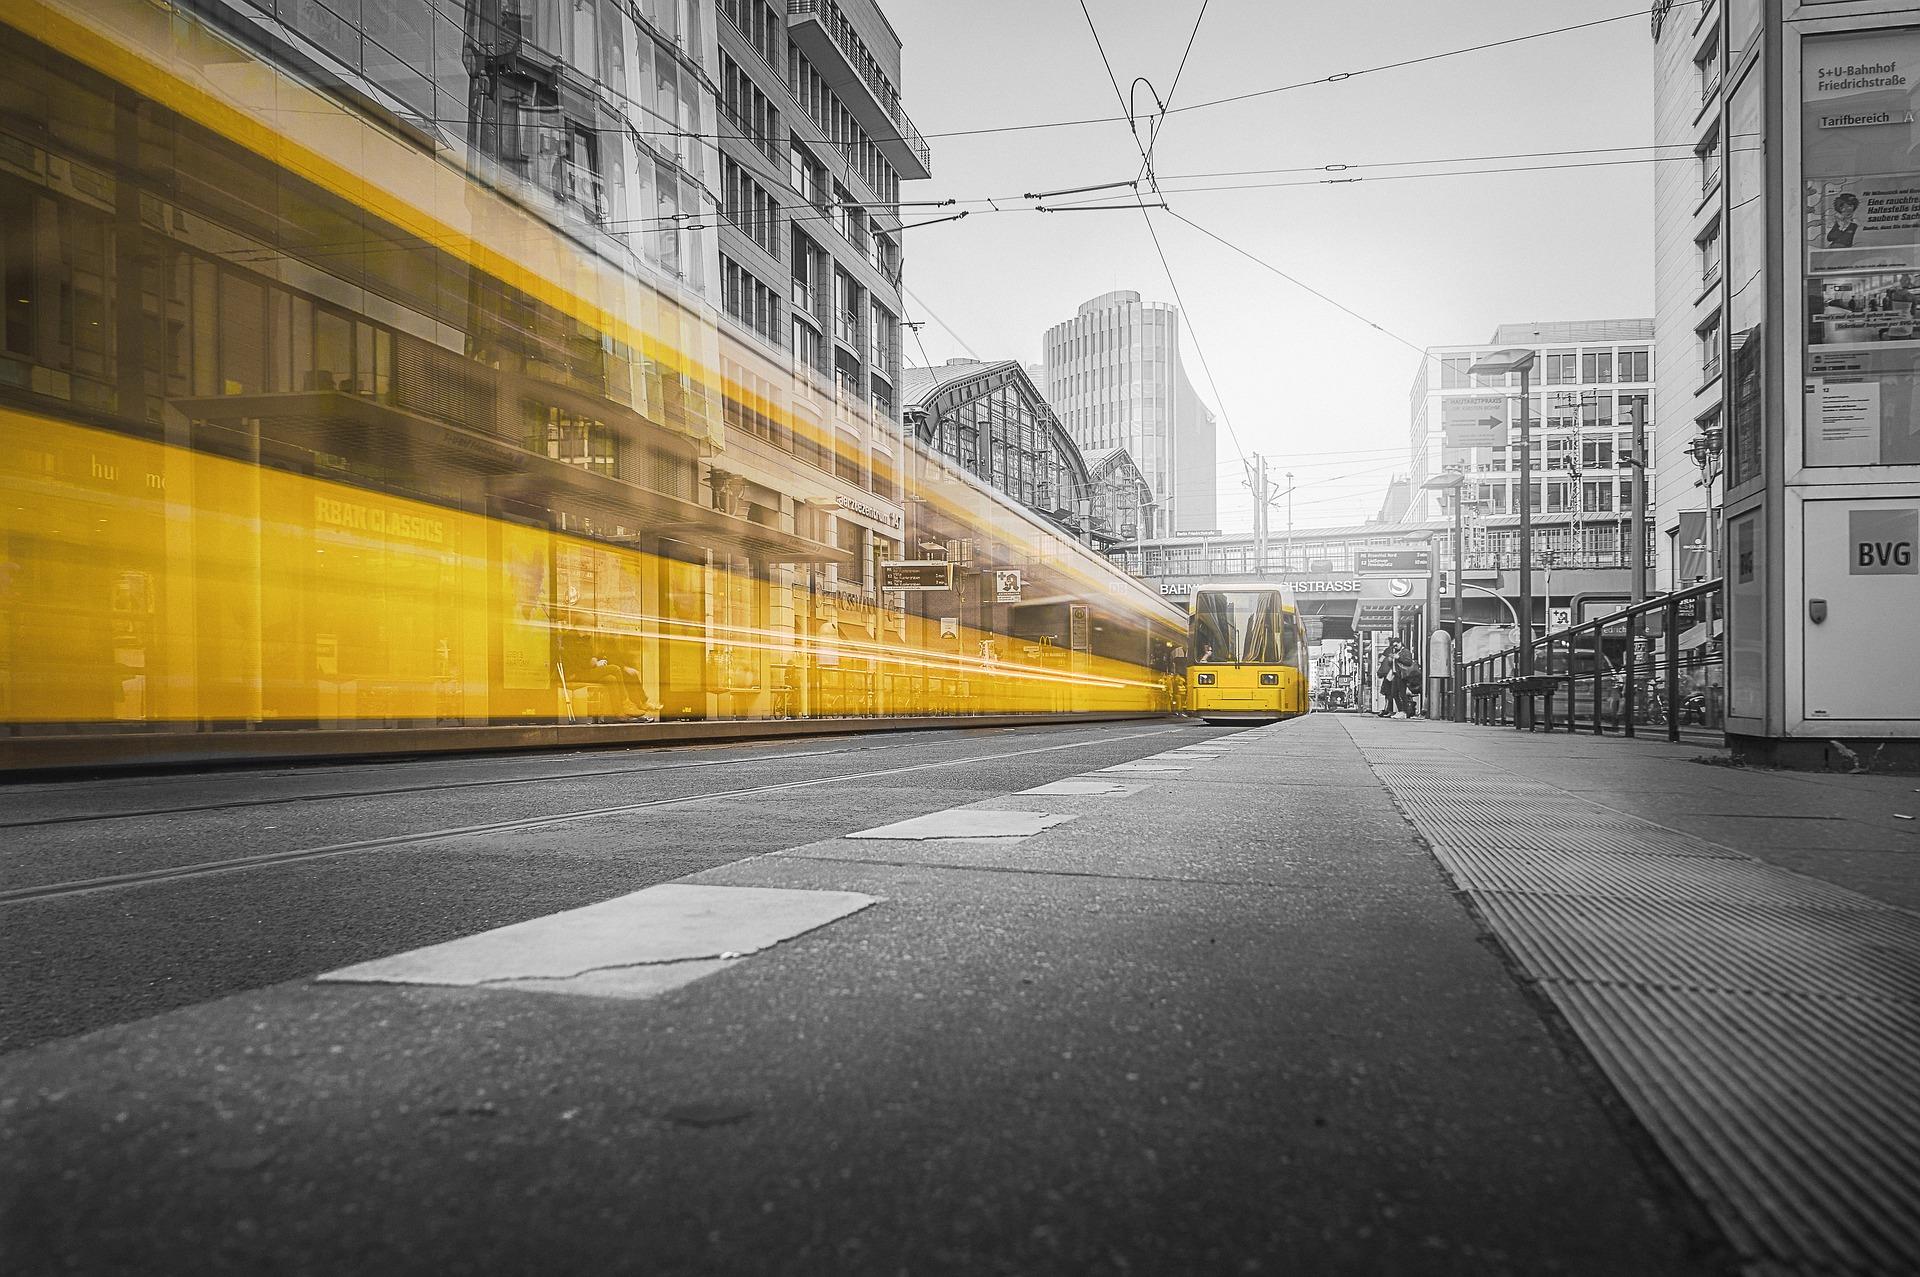 Польська Pesa почала поставки 40 трамваїв до Києва